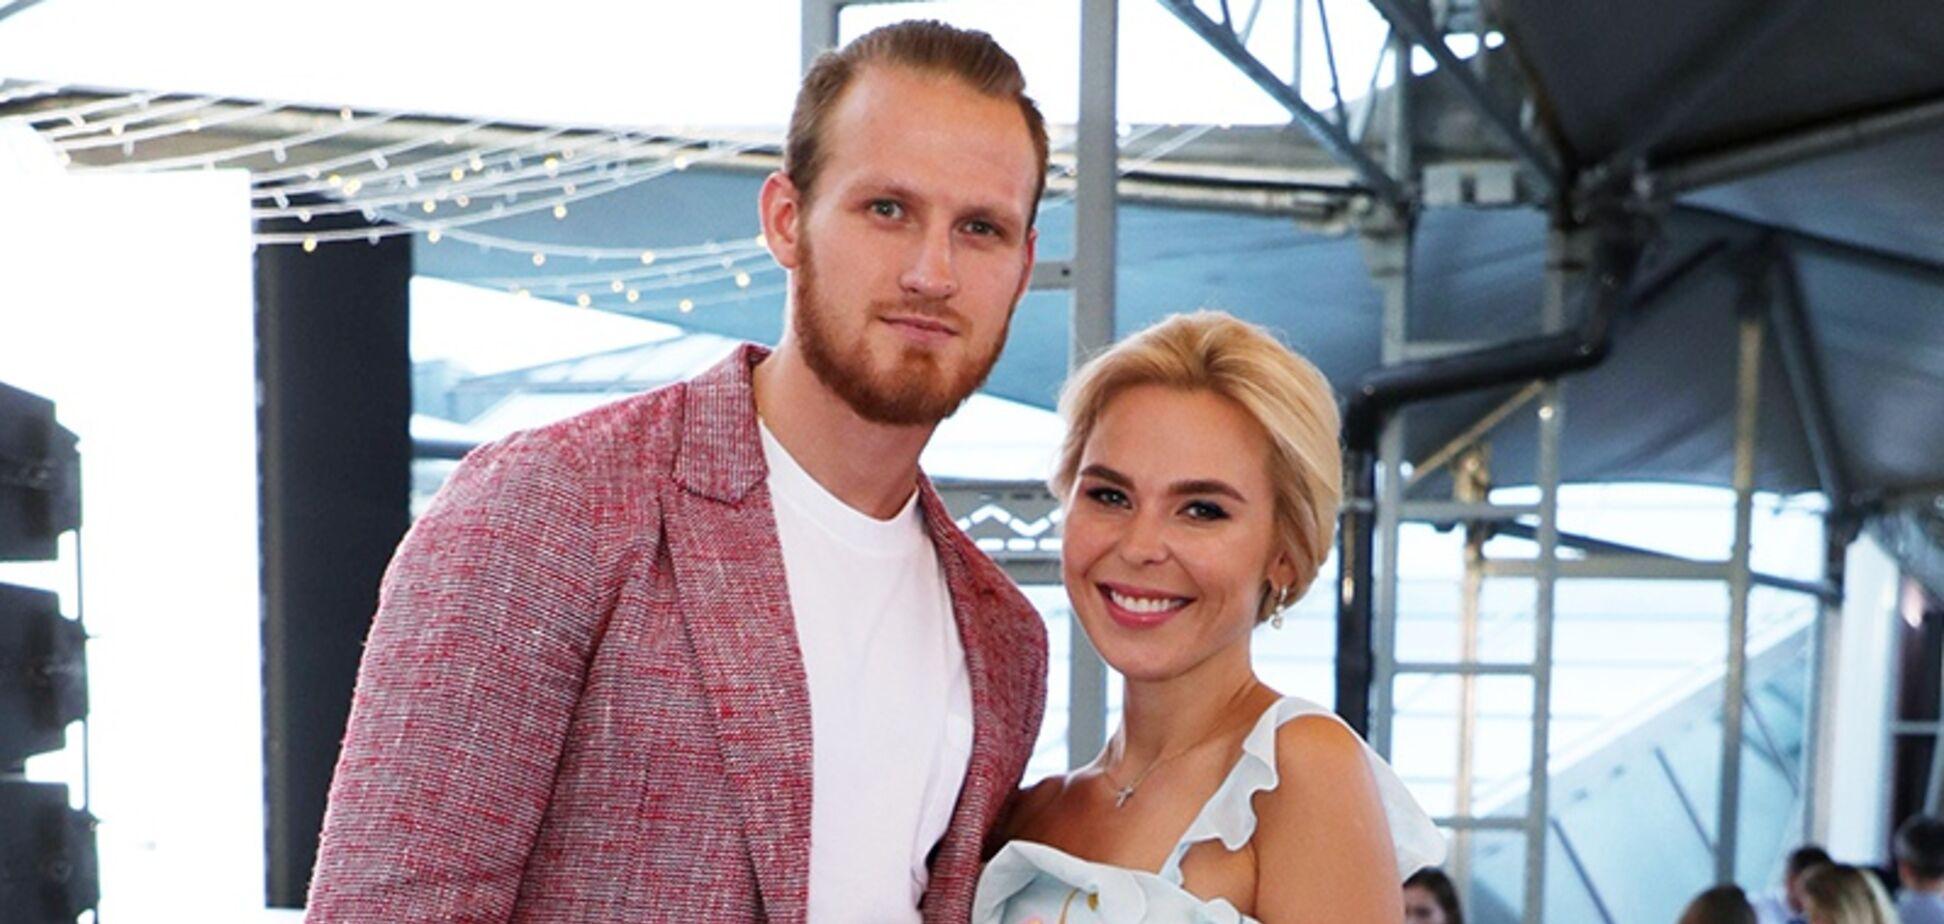 Российская певица Пелагея подала на развод с мужем: известны подробности